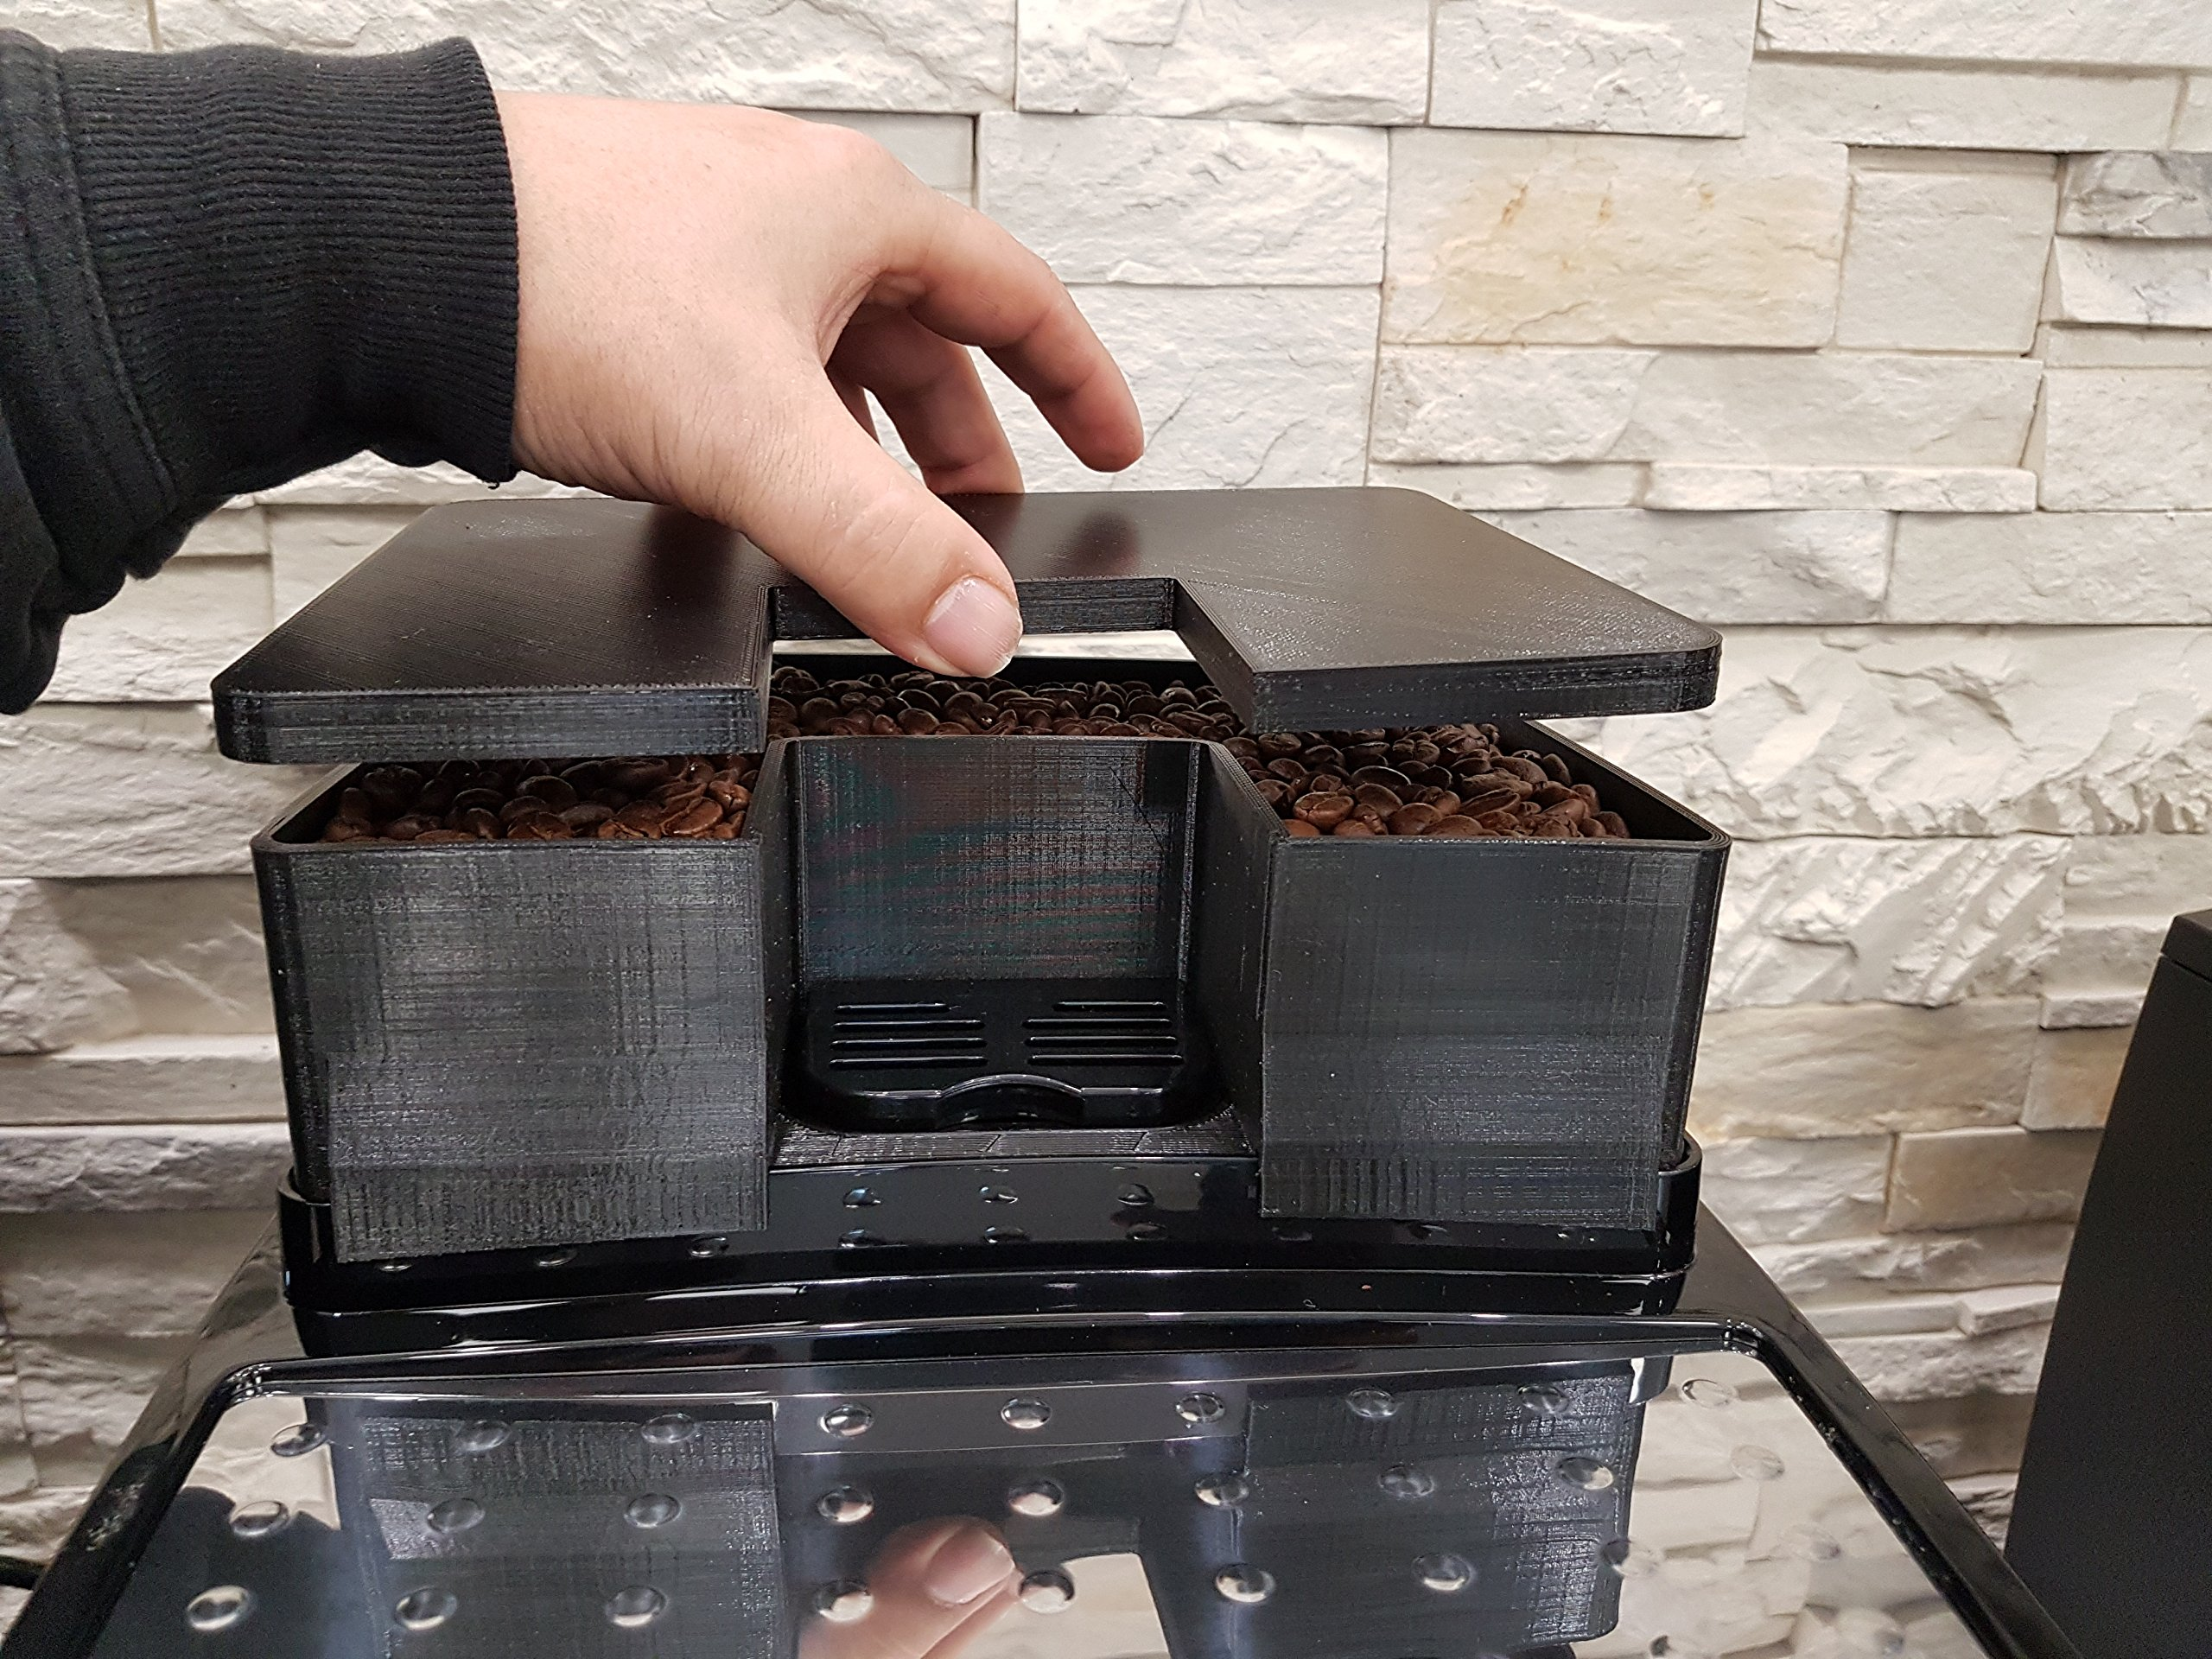 Bohnenbehlter-Erweiterung-fr-400-gr-mehr-Bohnenkapazitt-passend-fr-DeLonghi-Magnifica-S-Kaffeeevollautomaten